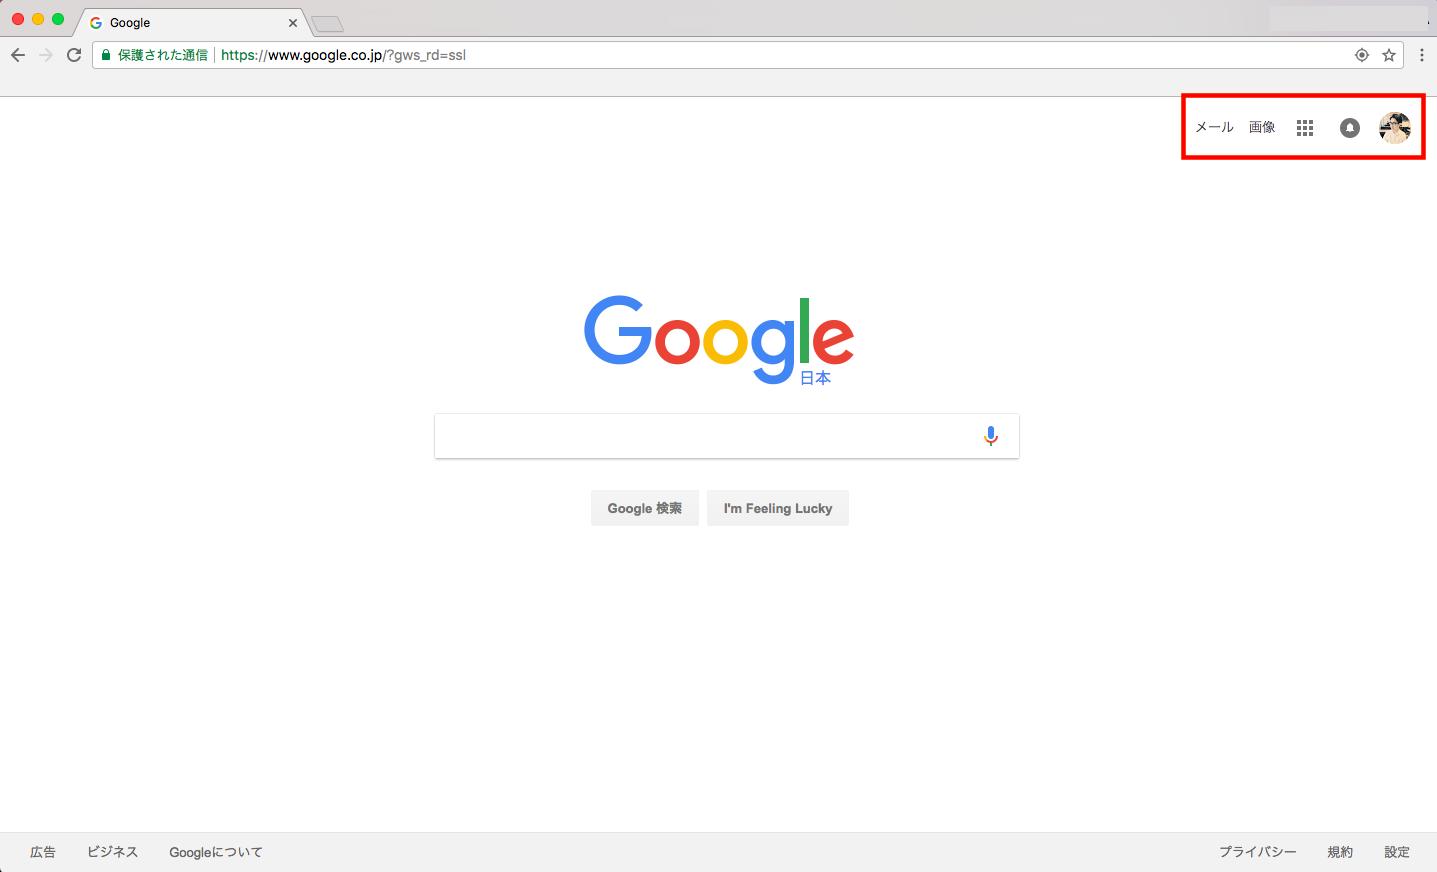 Google Chromeからマイアカウントへログイン完了